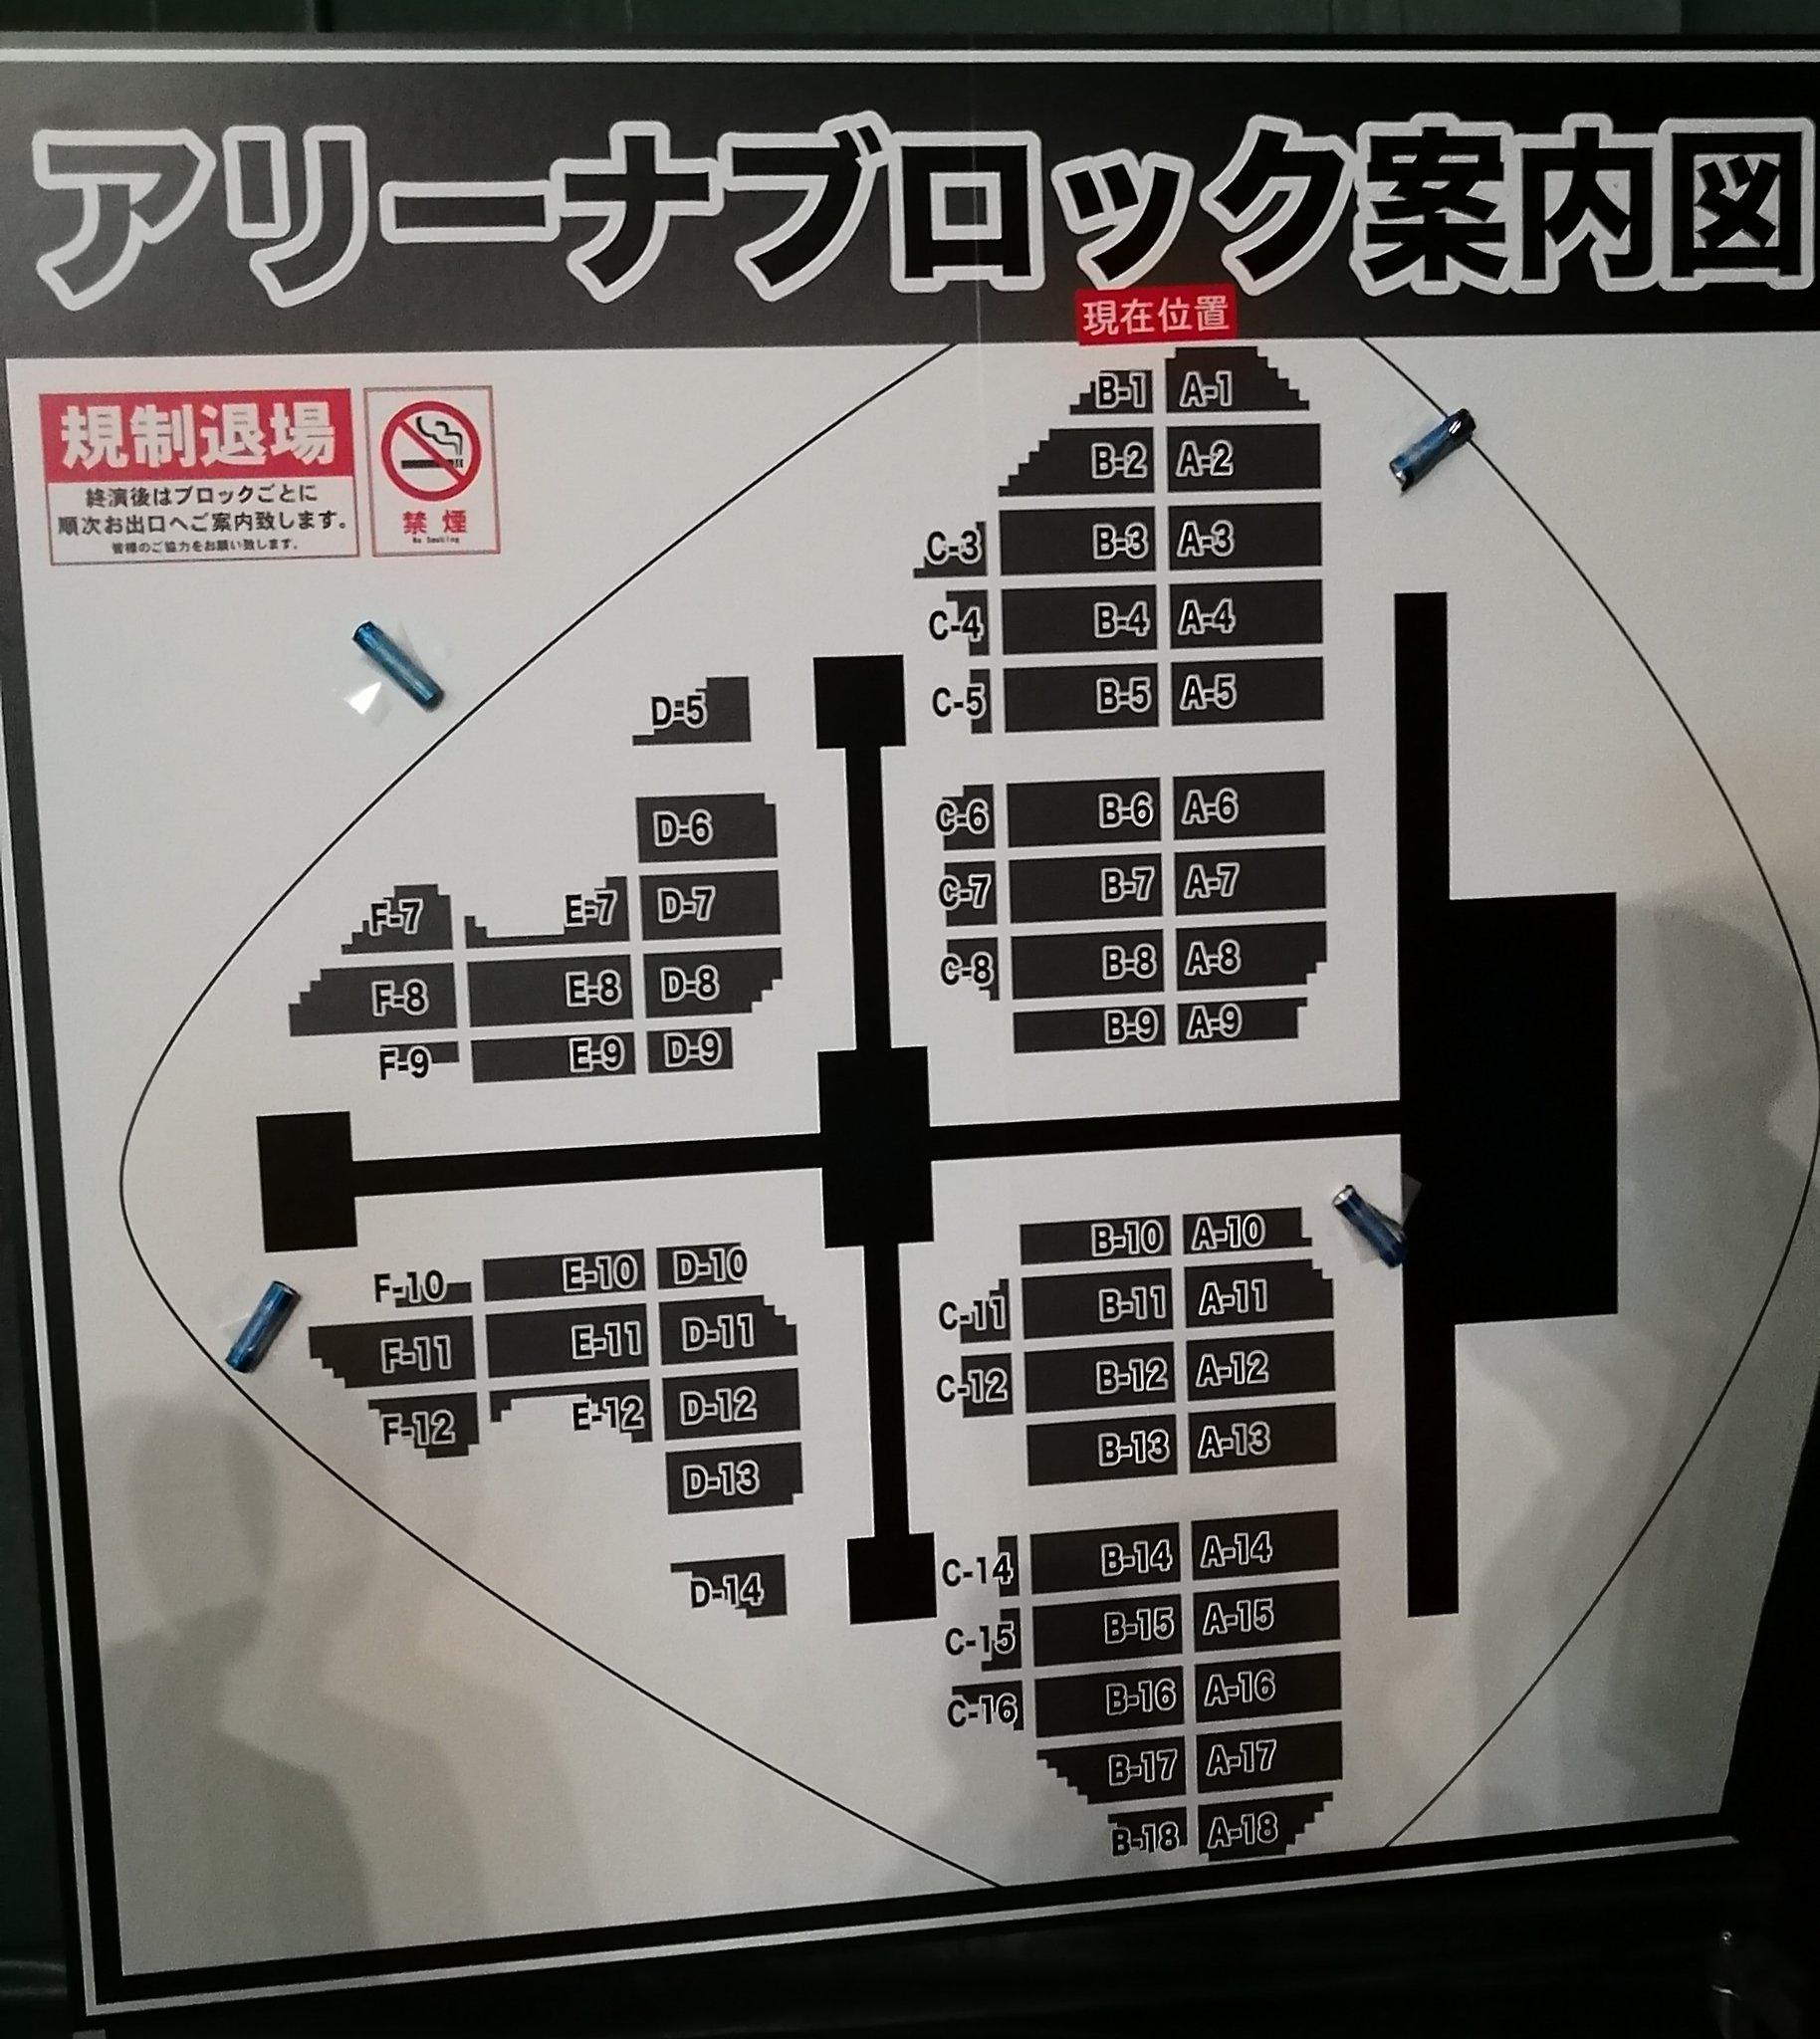 欅坂 東京ドーム 座席表